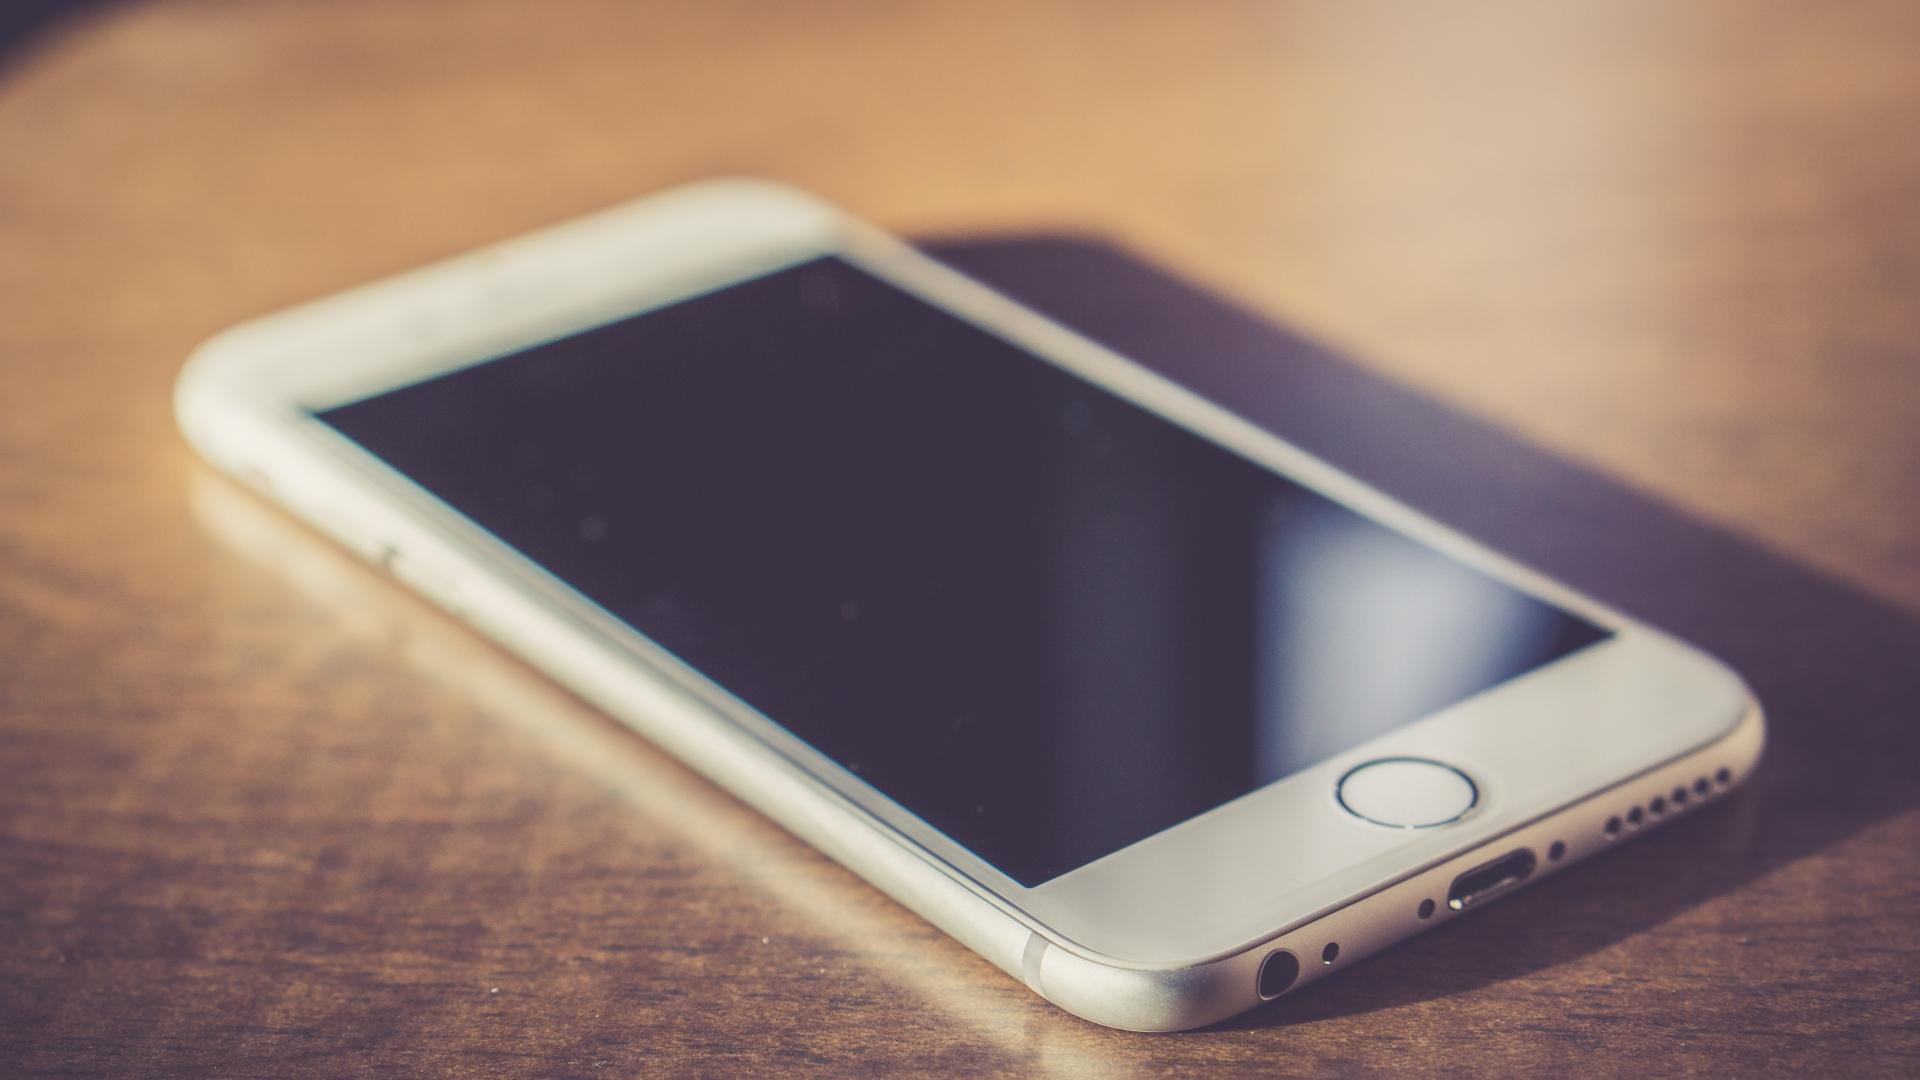 Apple Special Event: в iPhone X появится технология распознавания лиц FaceID